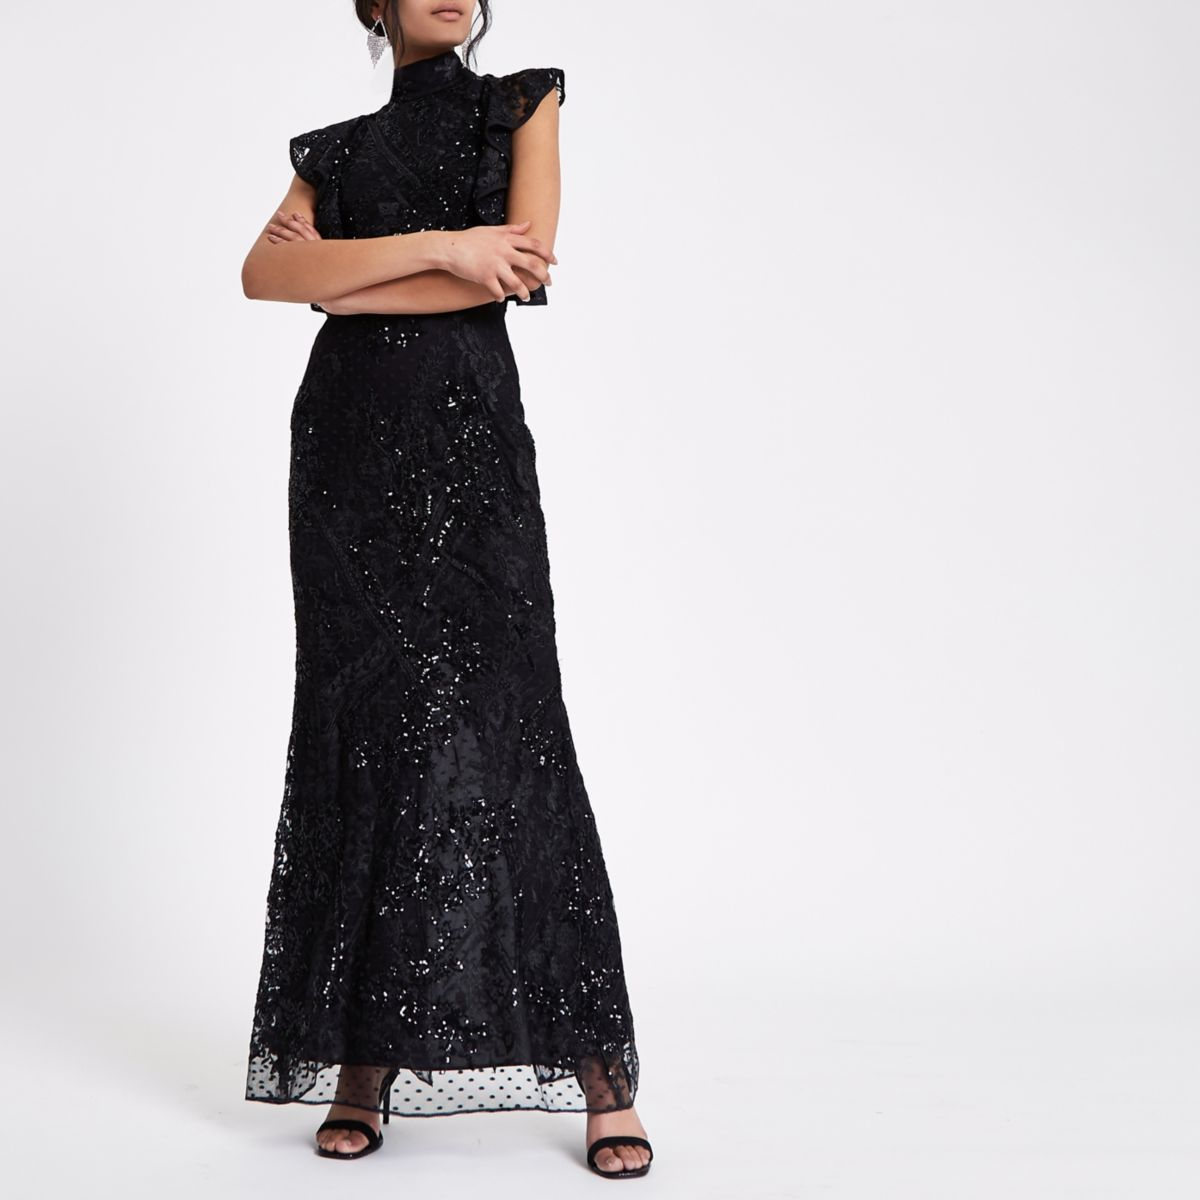 Black sequin embellished maxi dress